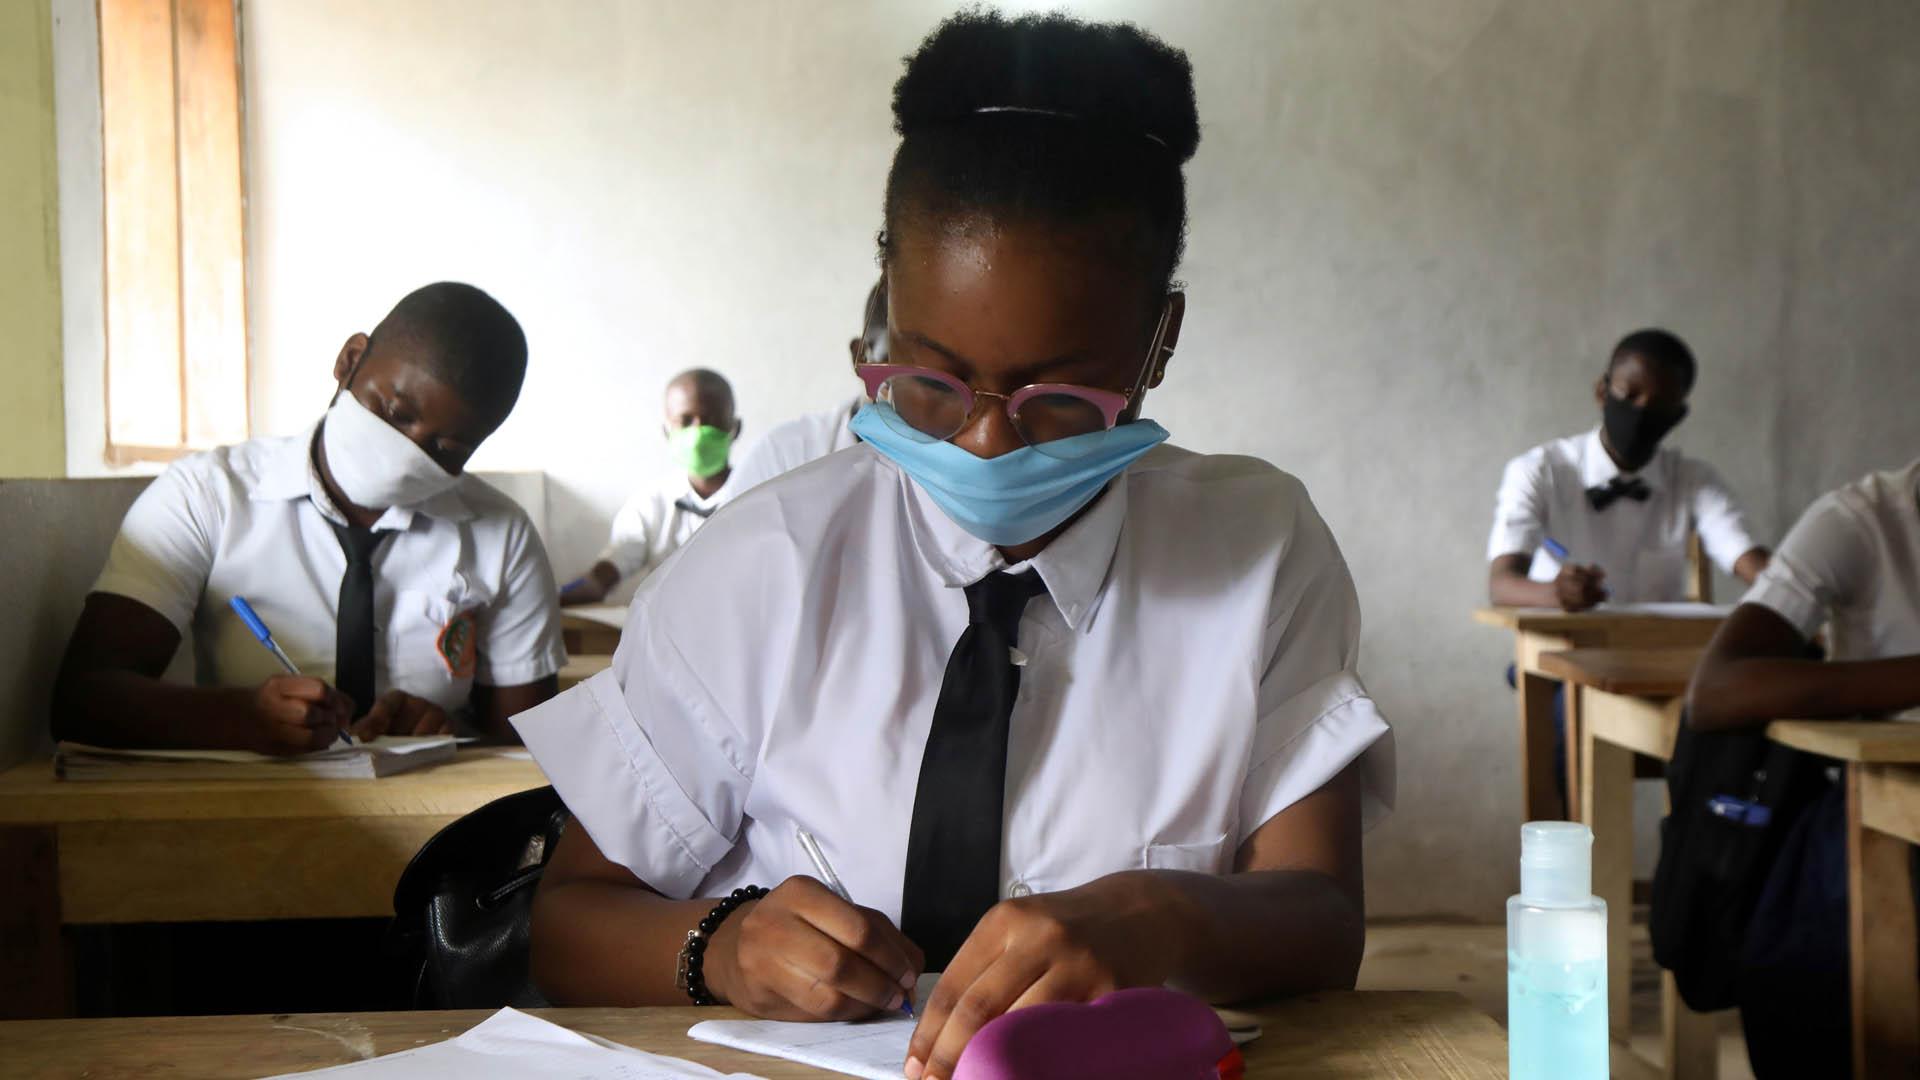 El cierre de escuelas provocará una catástrofe generacional para el mundo, alerta la ONU